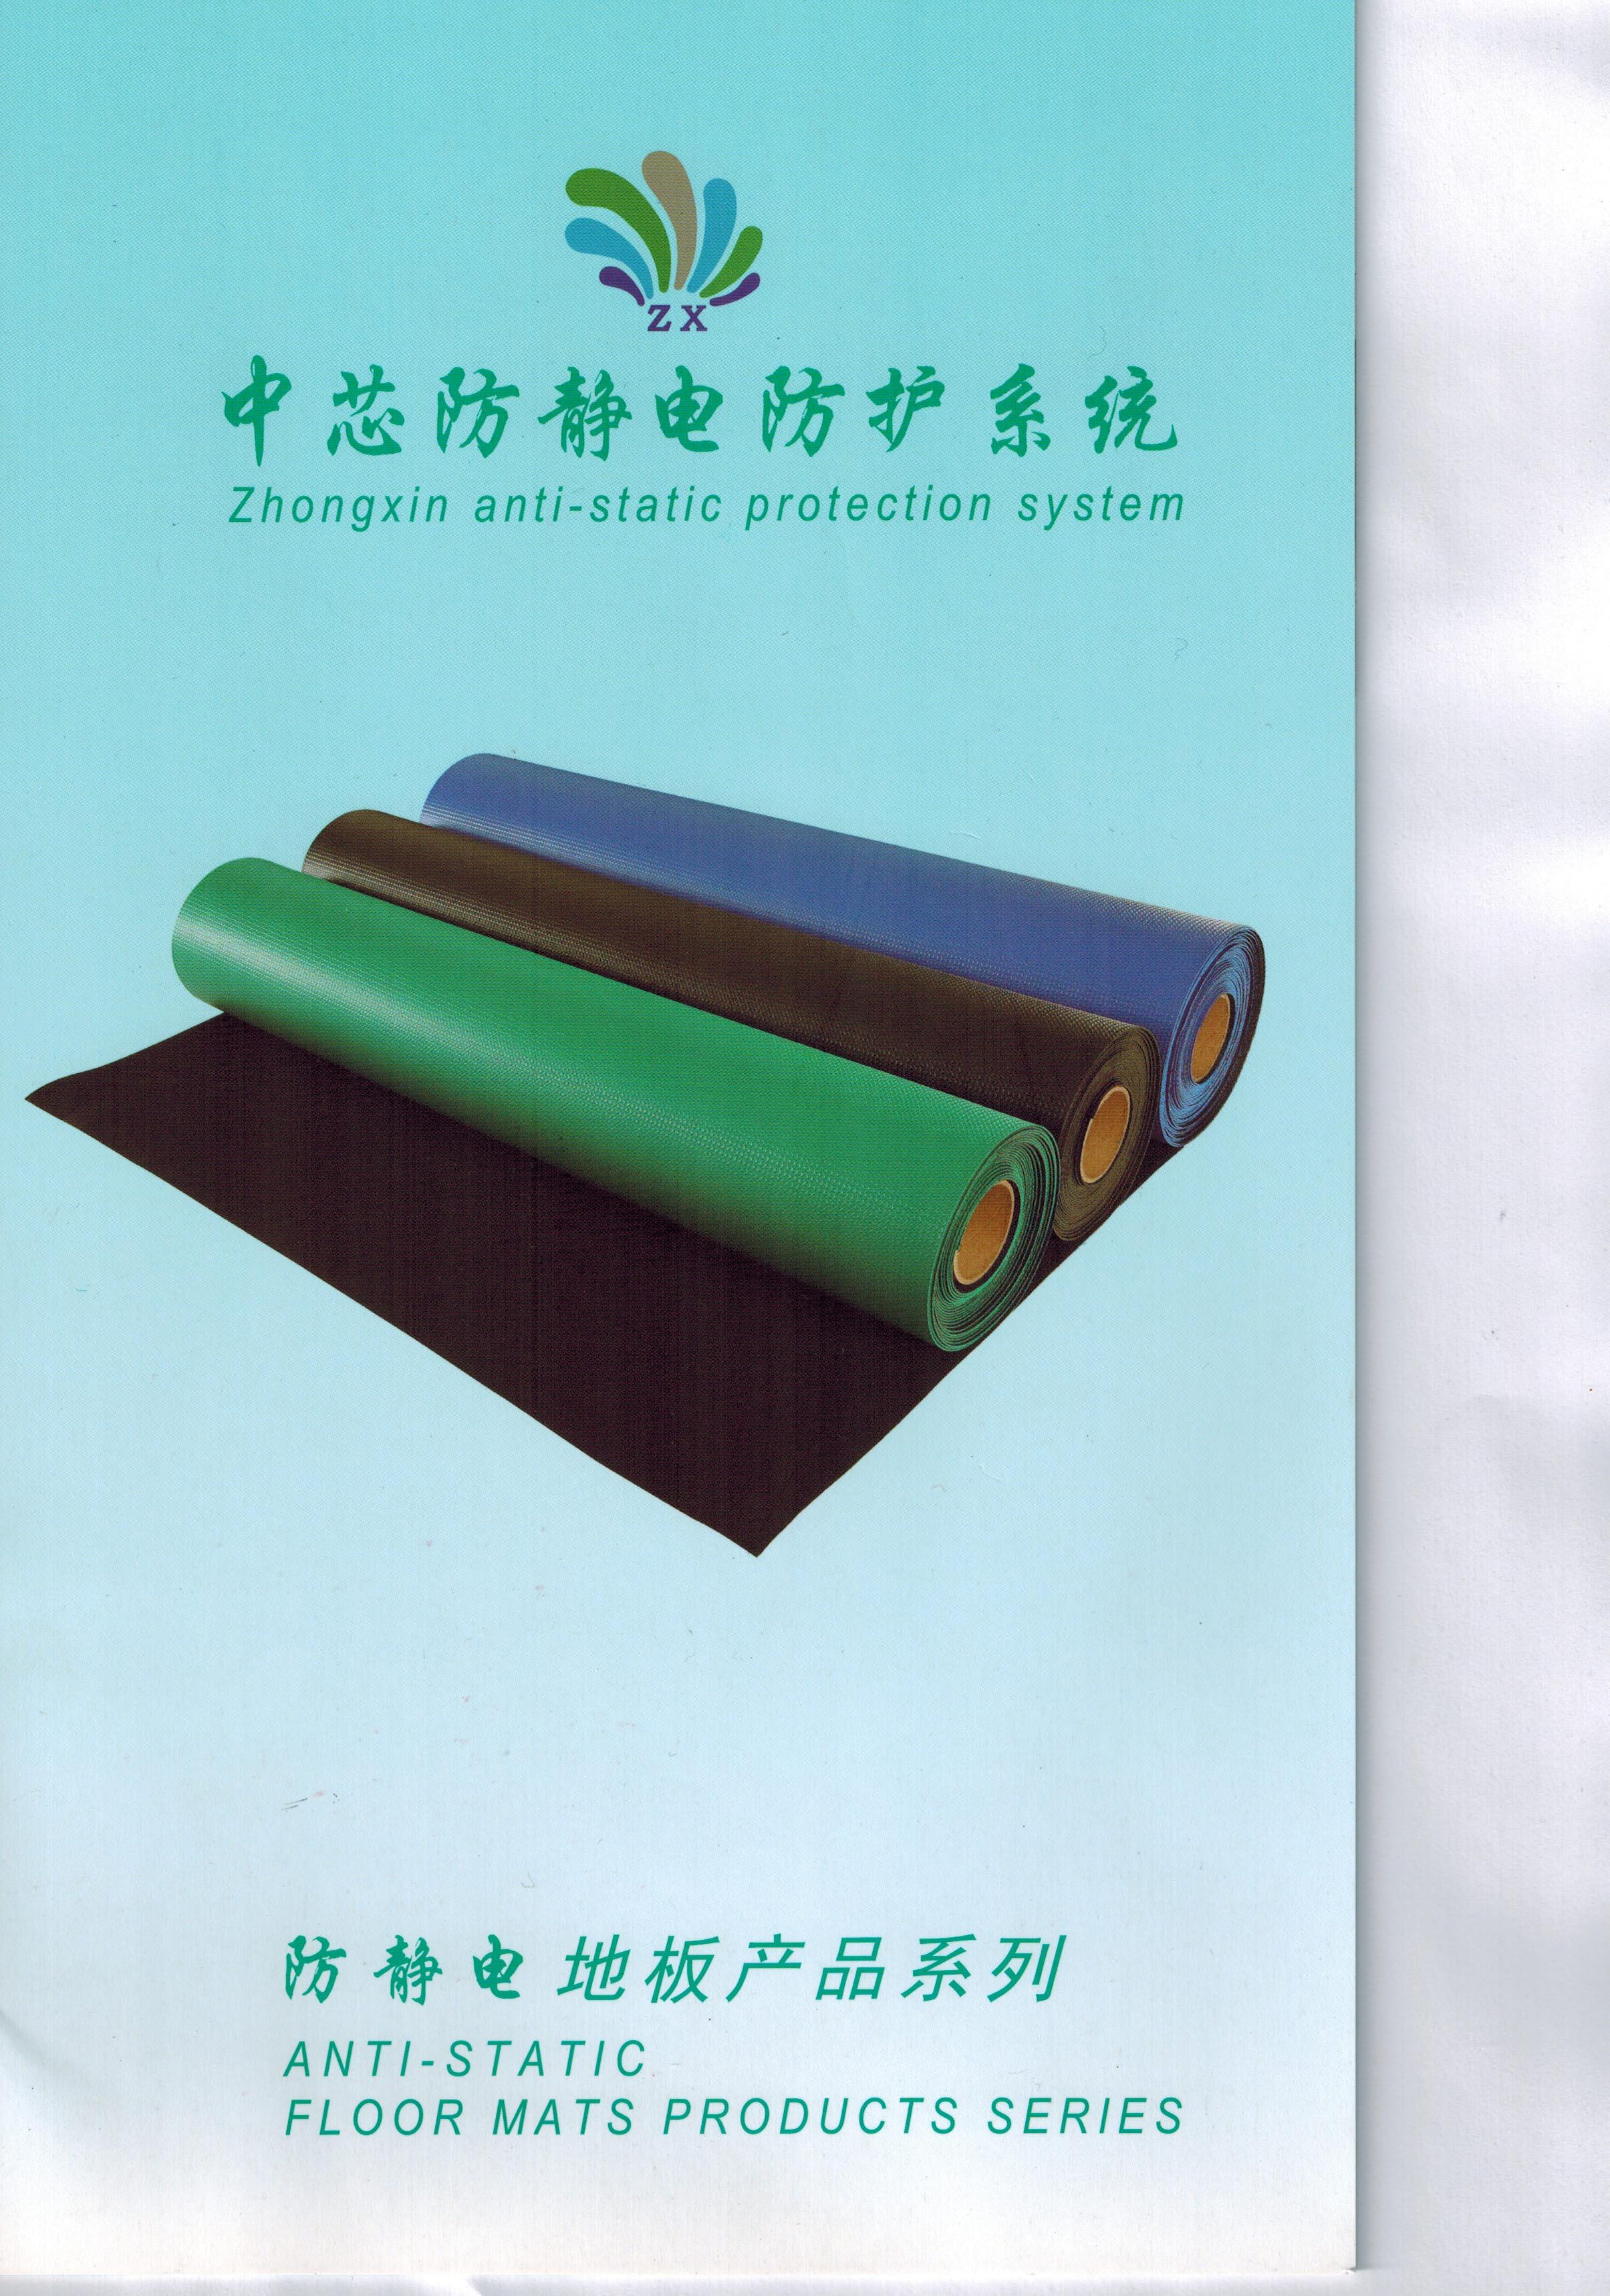 东莞市中芯防静电科技宣传册